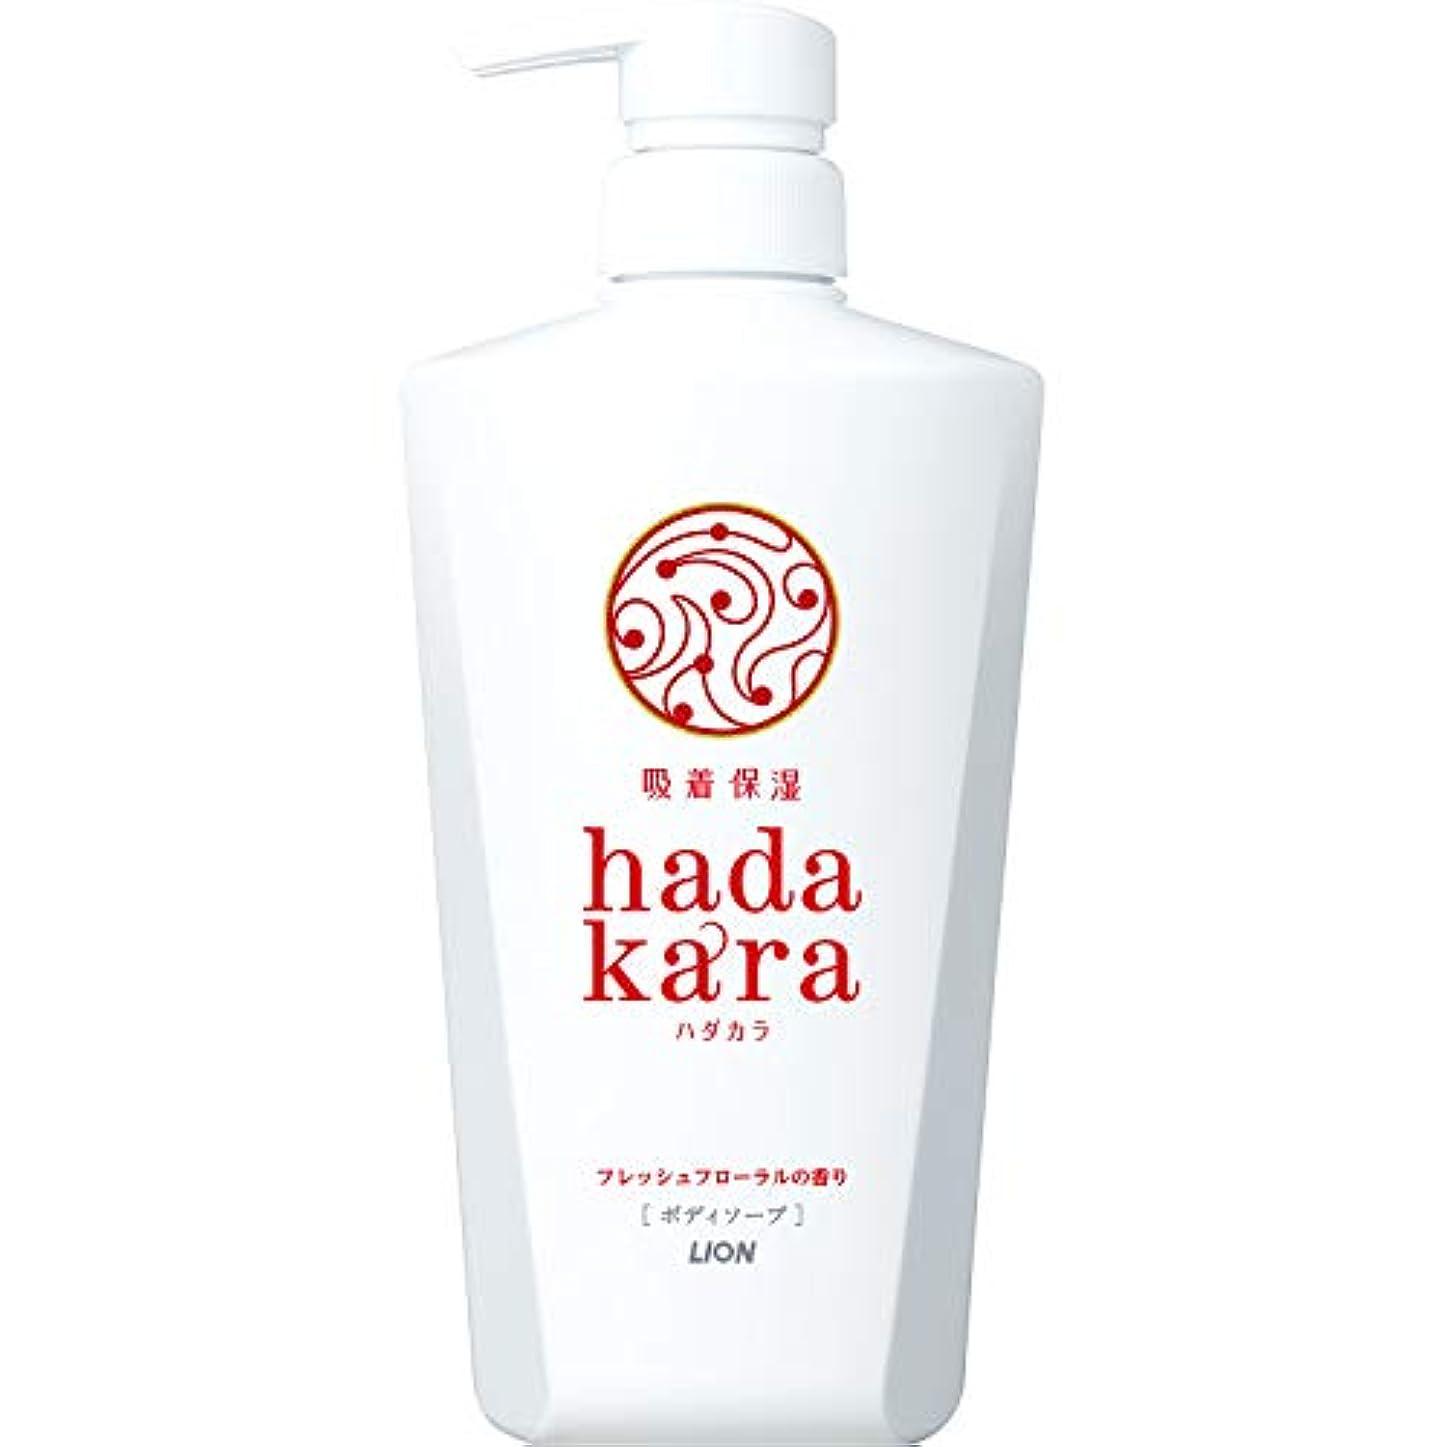 大洪水クライアント該当するhadakara(ハダカラ) ボディソープ フレッシュフローラルの香り 本体 500ml フローラルブーケ